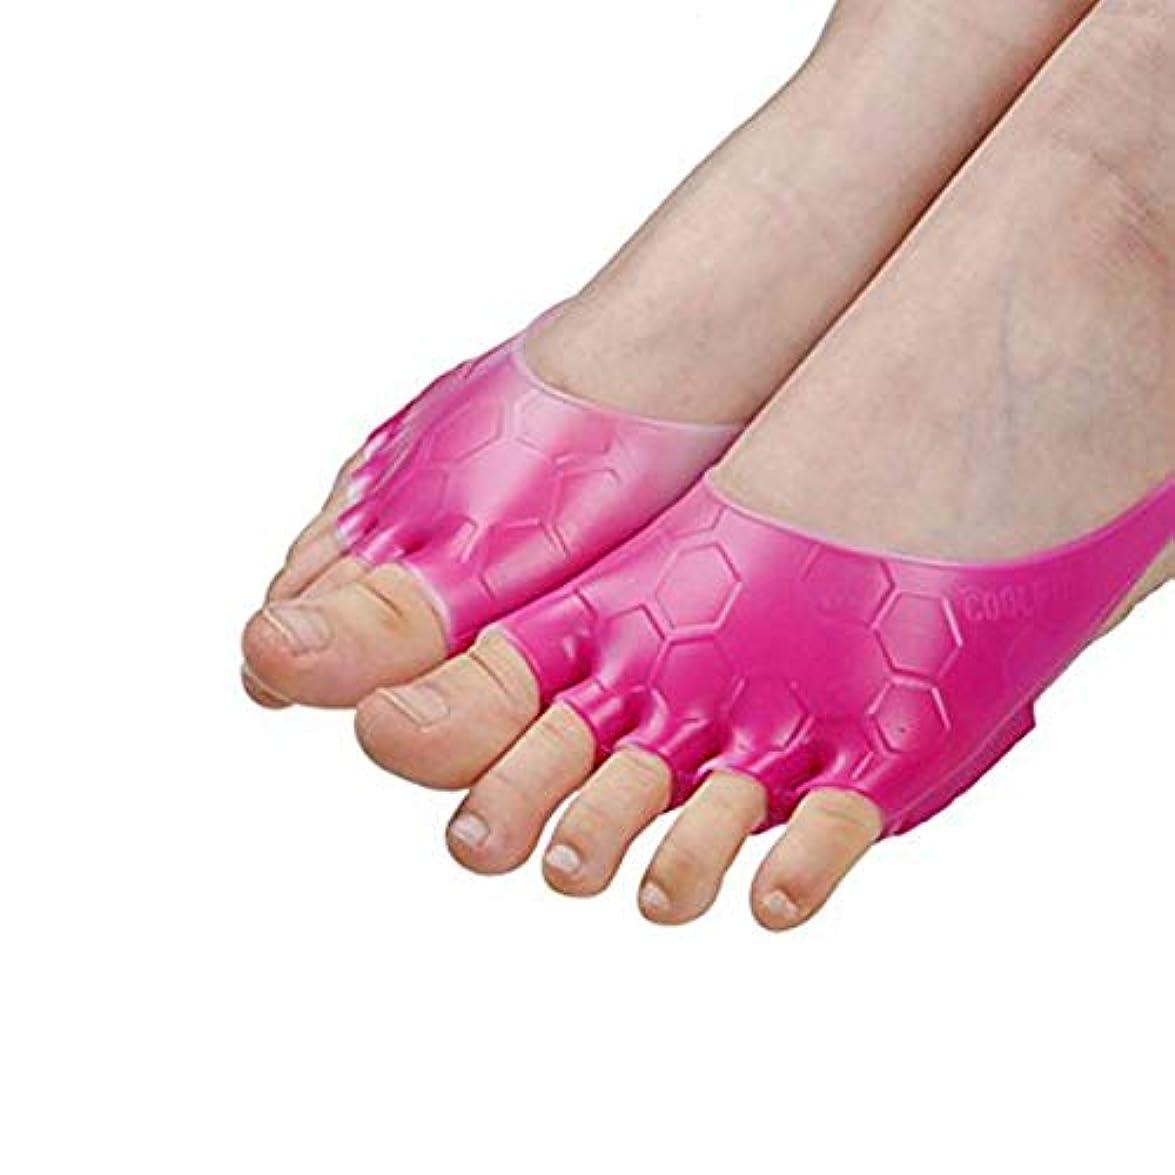 トンネルコットン直感足指 フットケア シリコンパッド 広げる エクササイズ 五本指 冷え性 むくみ ストレッチ 両足セット